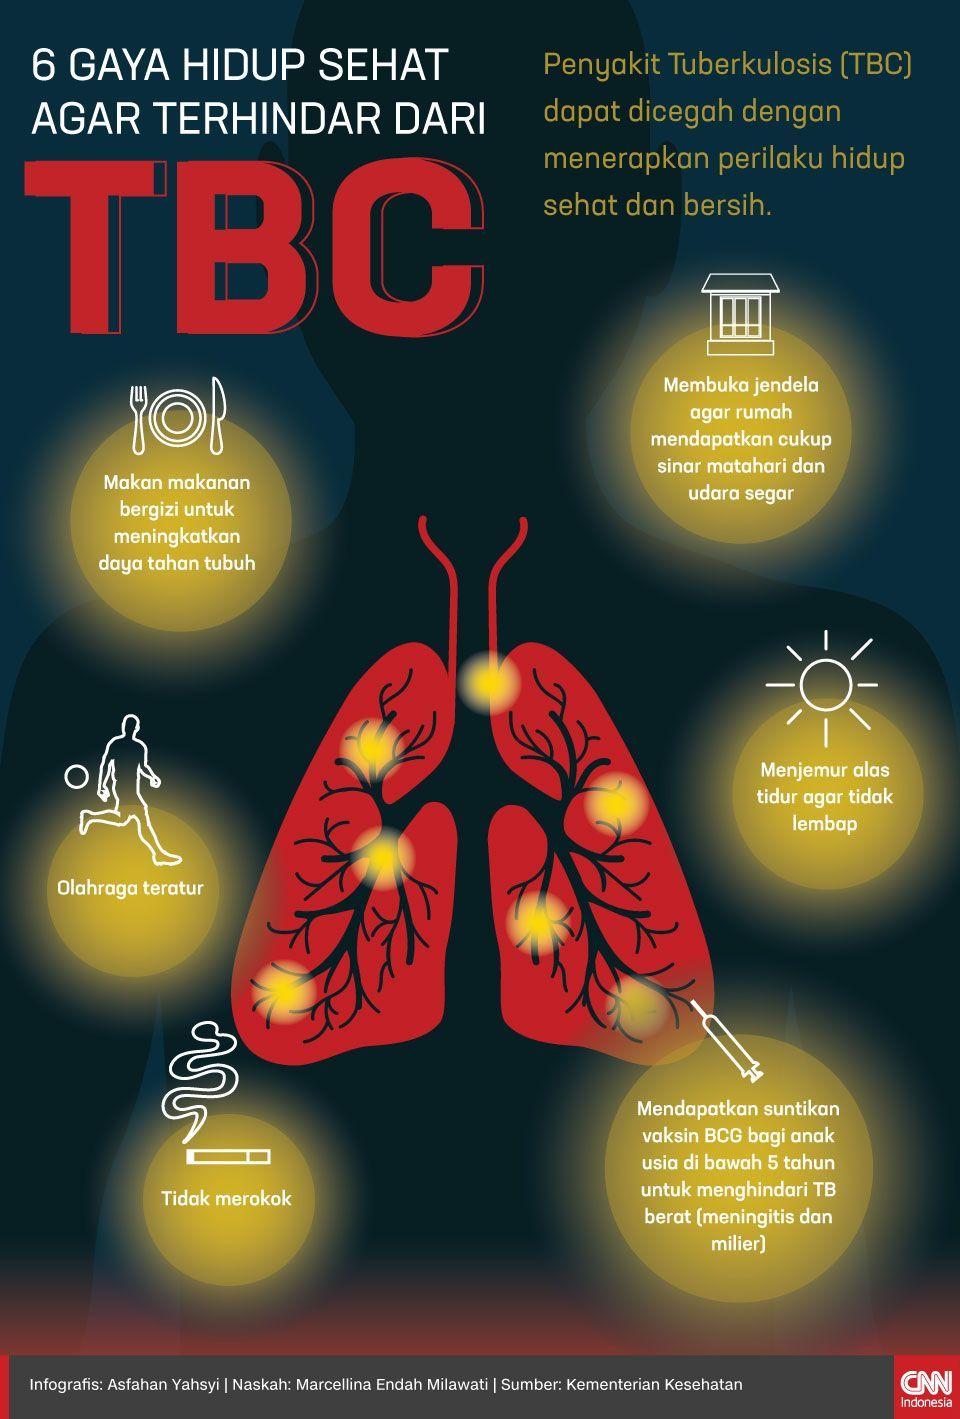 Infografis 6 Gaya Hidup Sehat agar Terhindar dari TBC